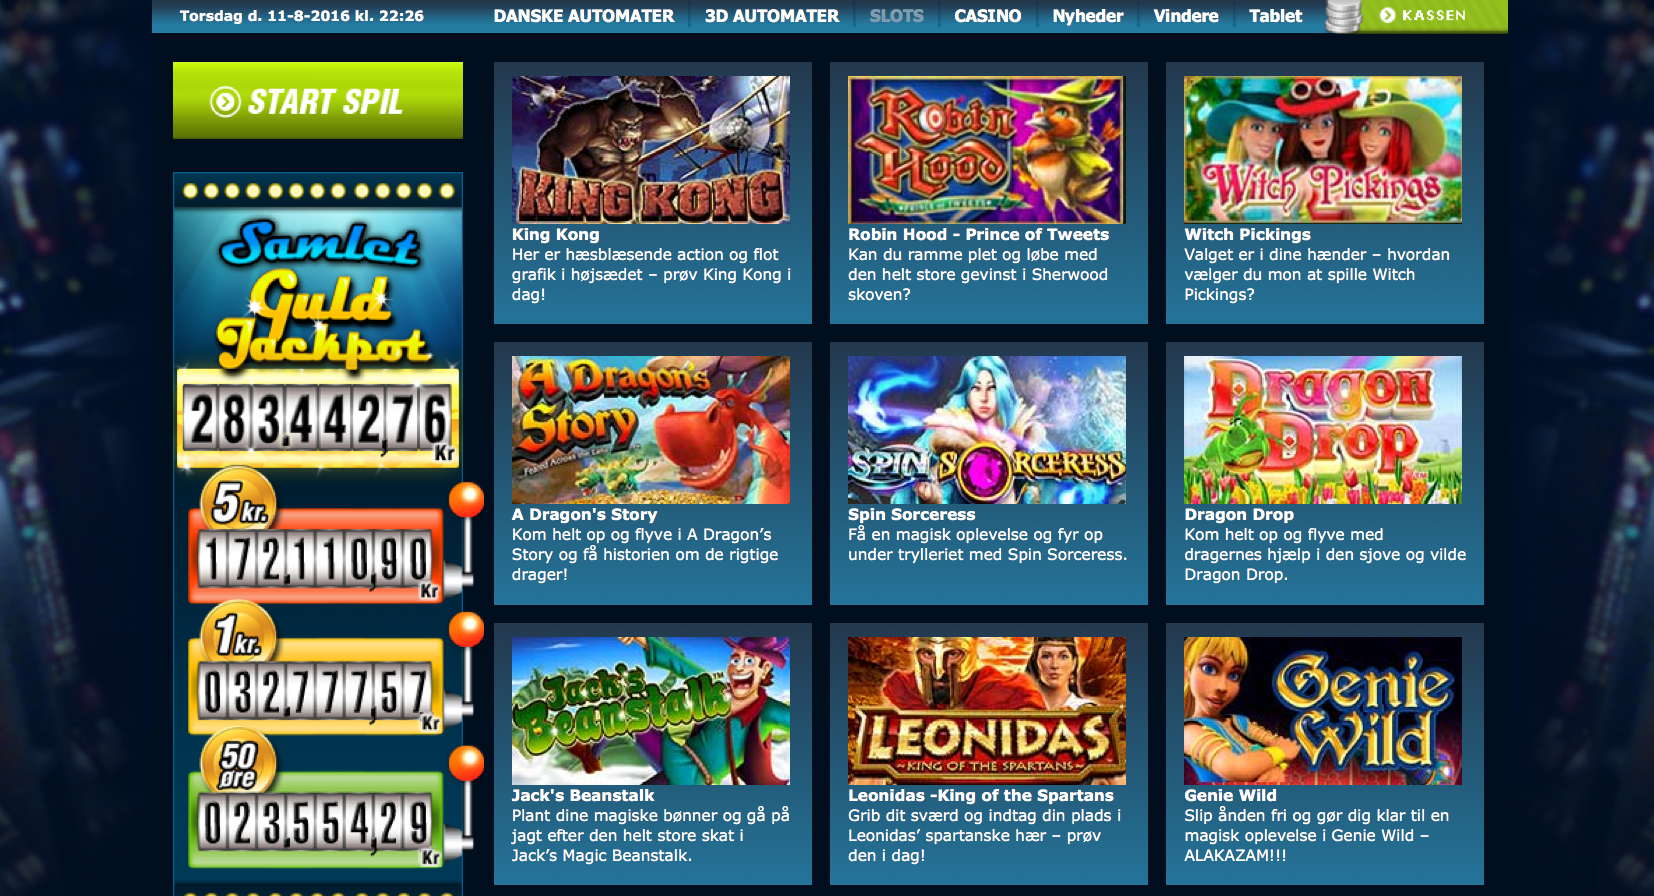 Jackpot Holiday slot - vind stort ved at spille online spilleautomater